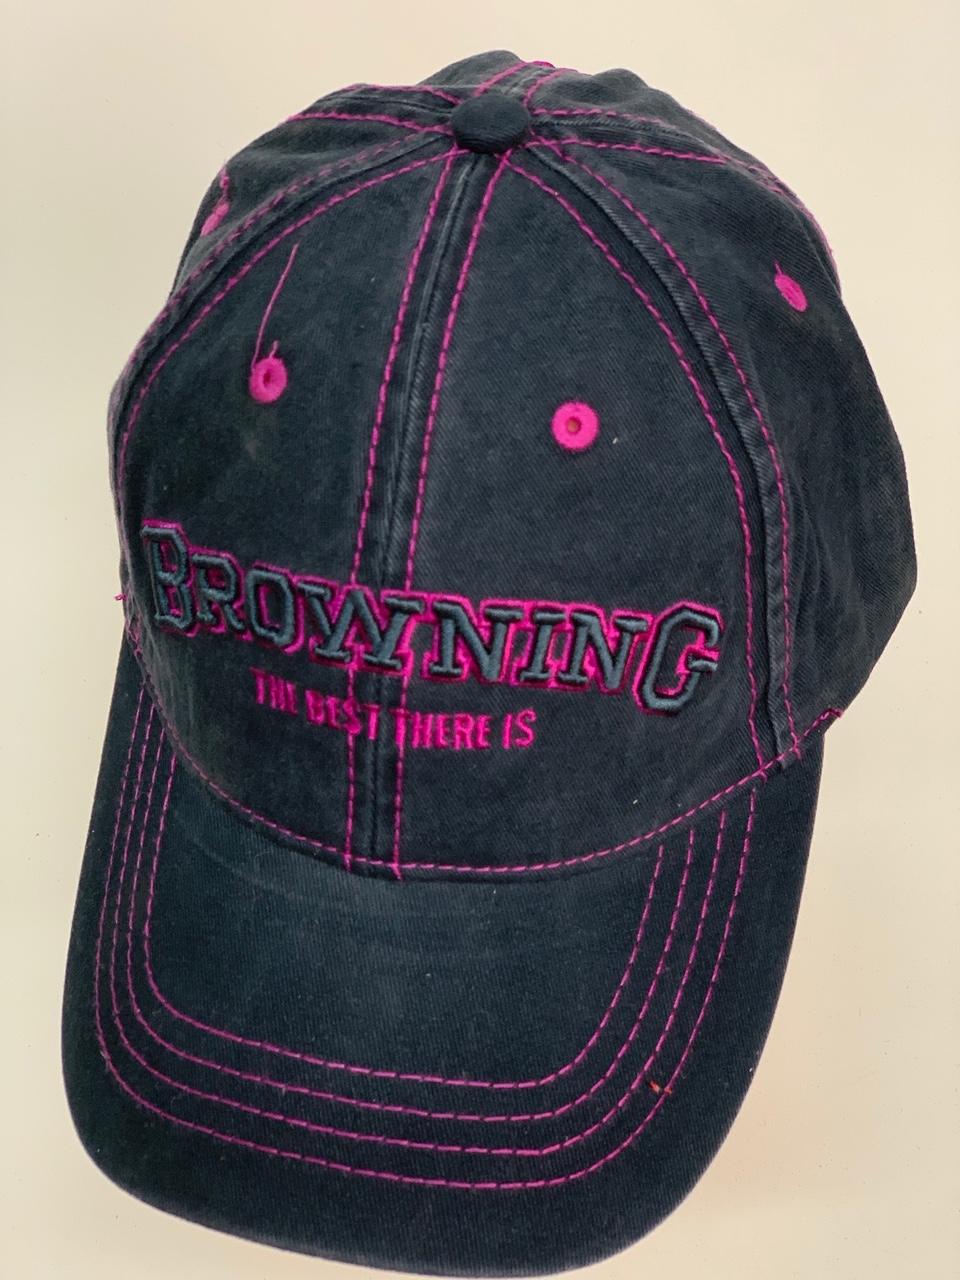 Бейсболка Browning черного цвета с малиновой прострочкой